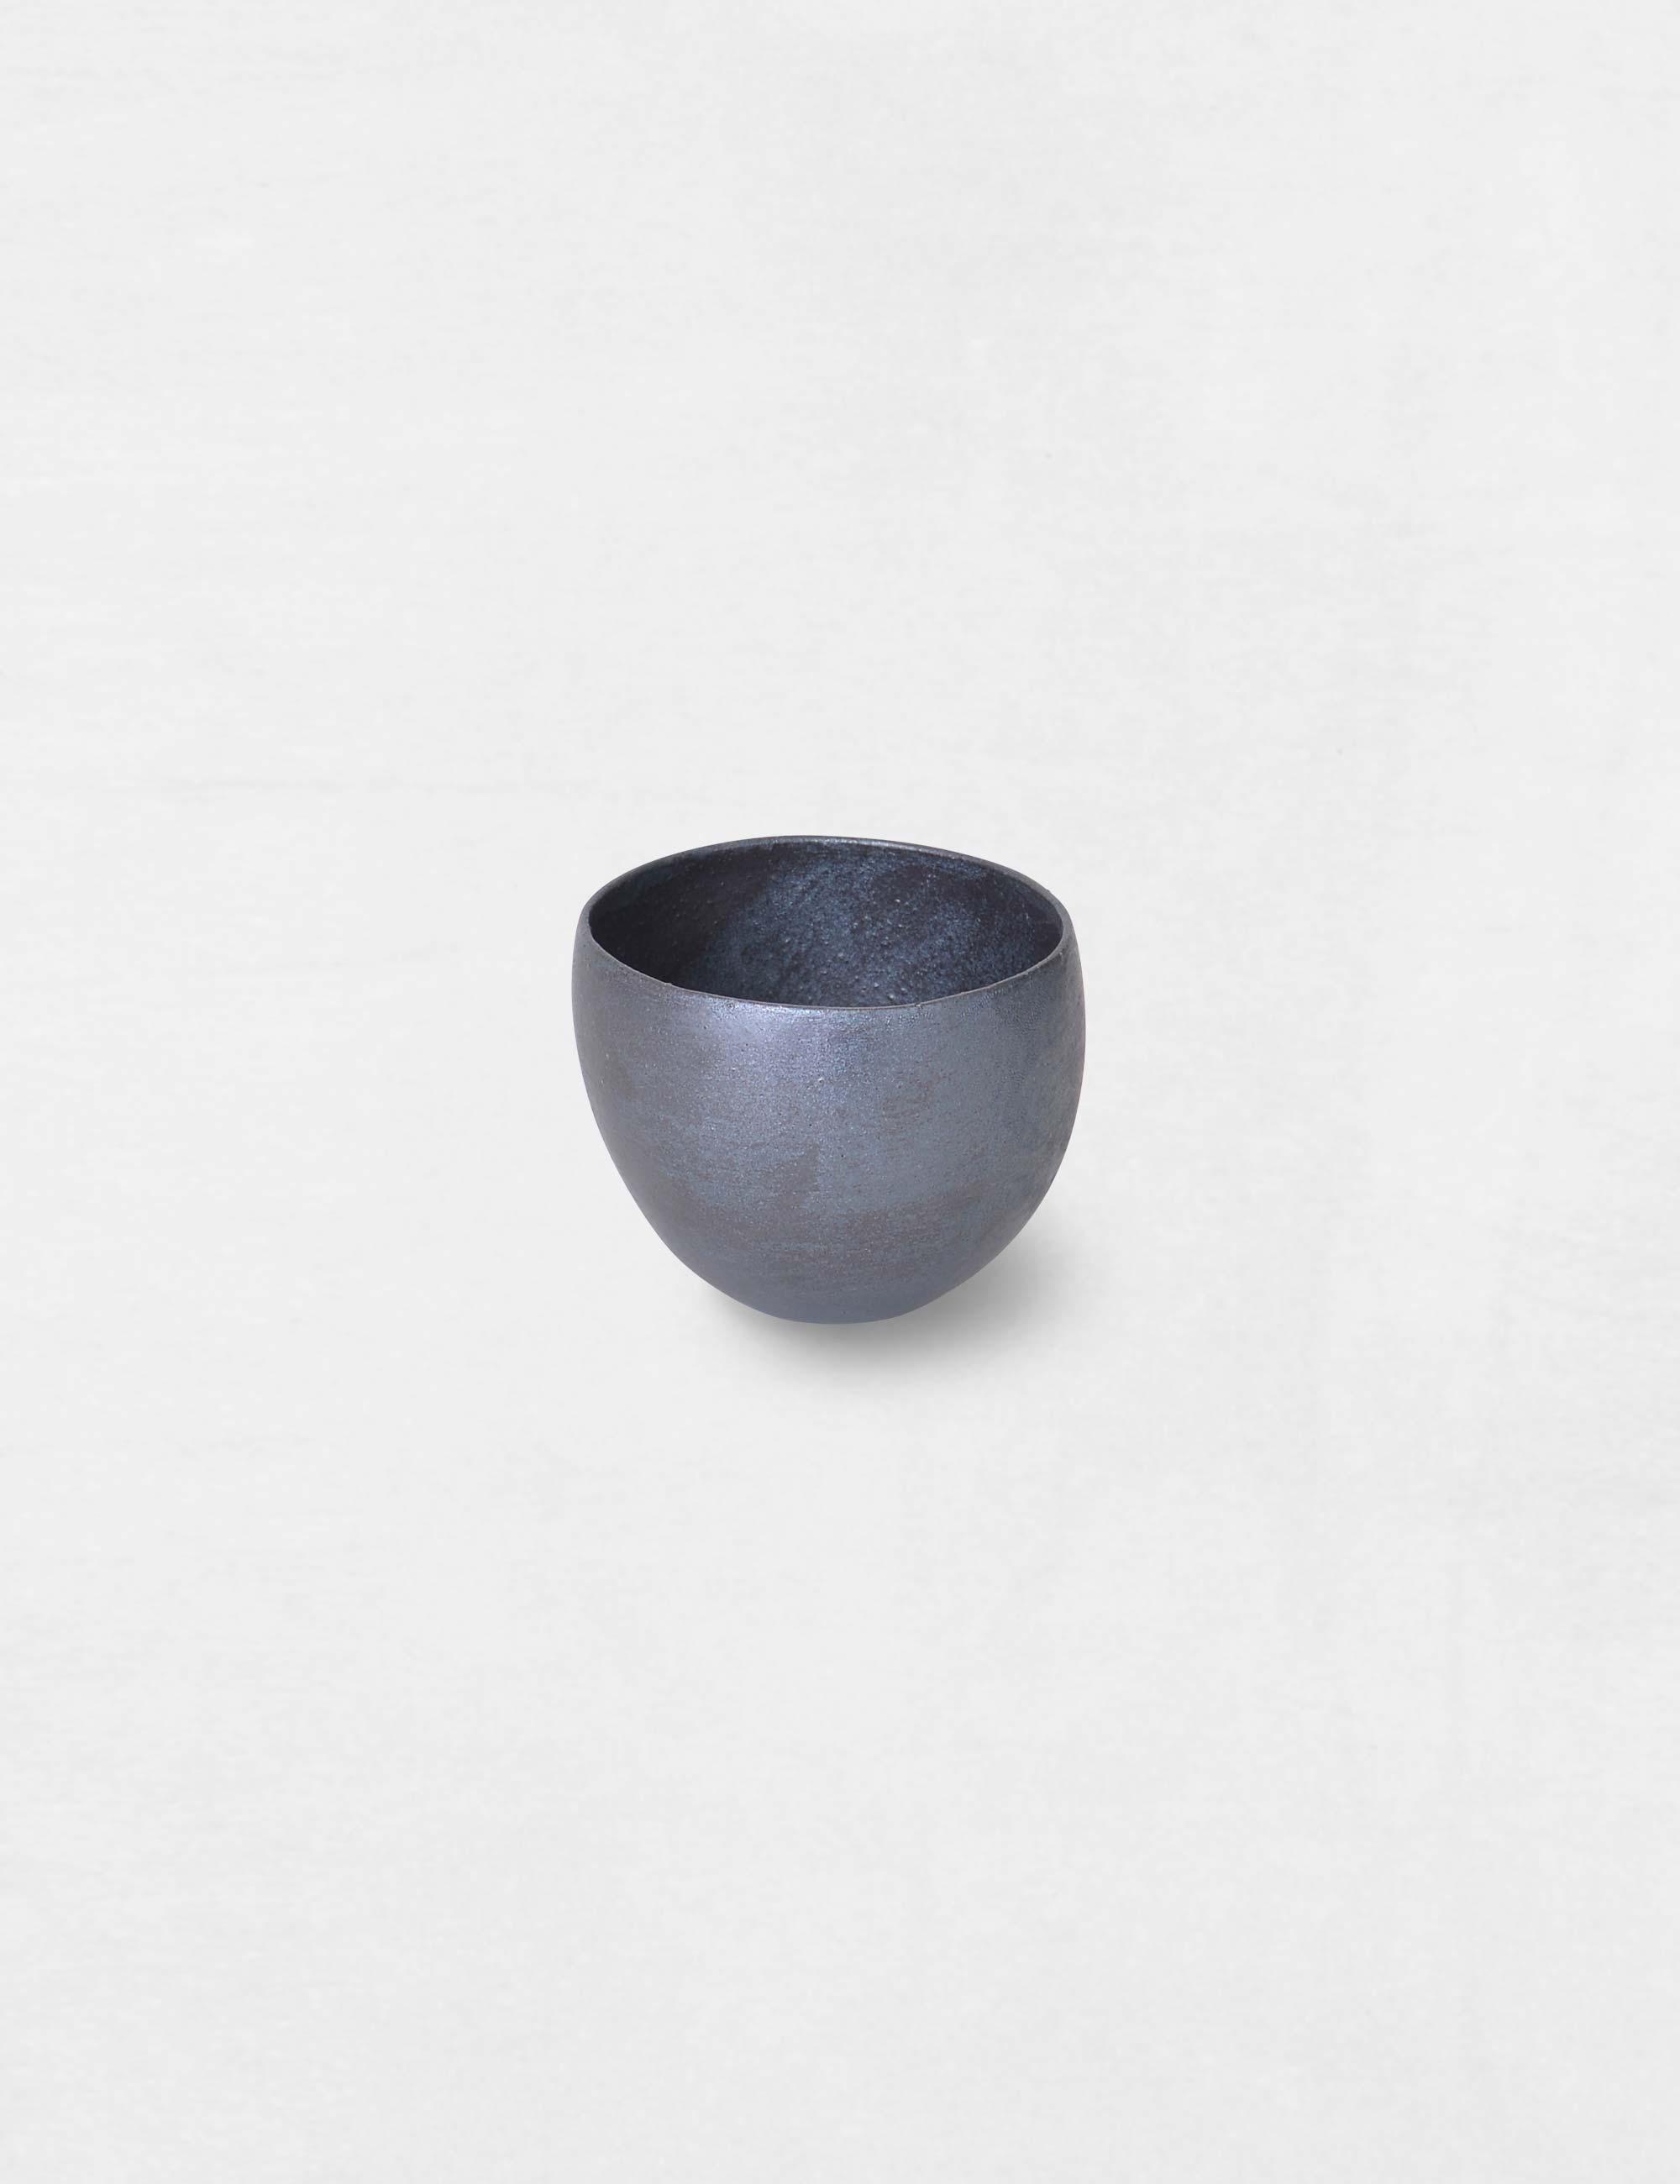 Jurgen Lehl Black Glaze Cup / Babaghuri